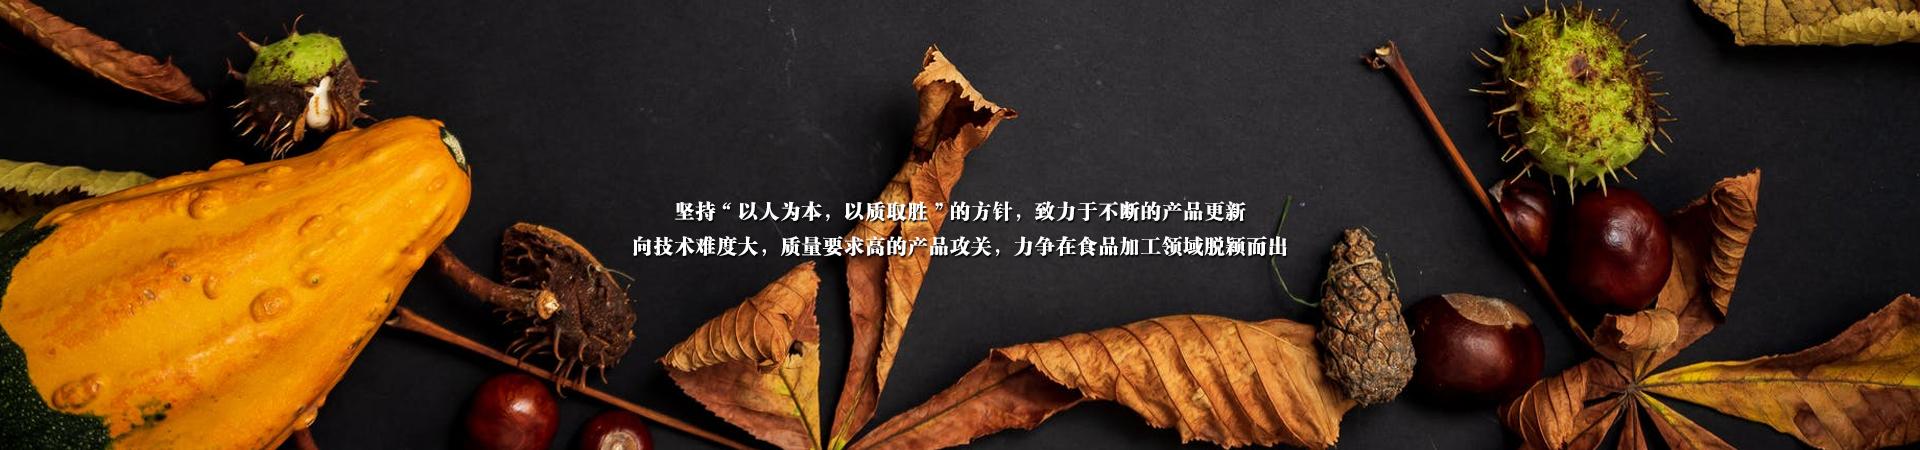 http://www.hd-food.com/data/upload/202007/20200710110008_542.jpg